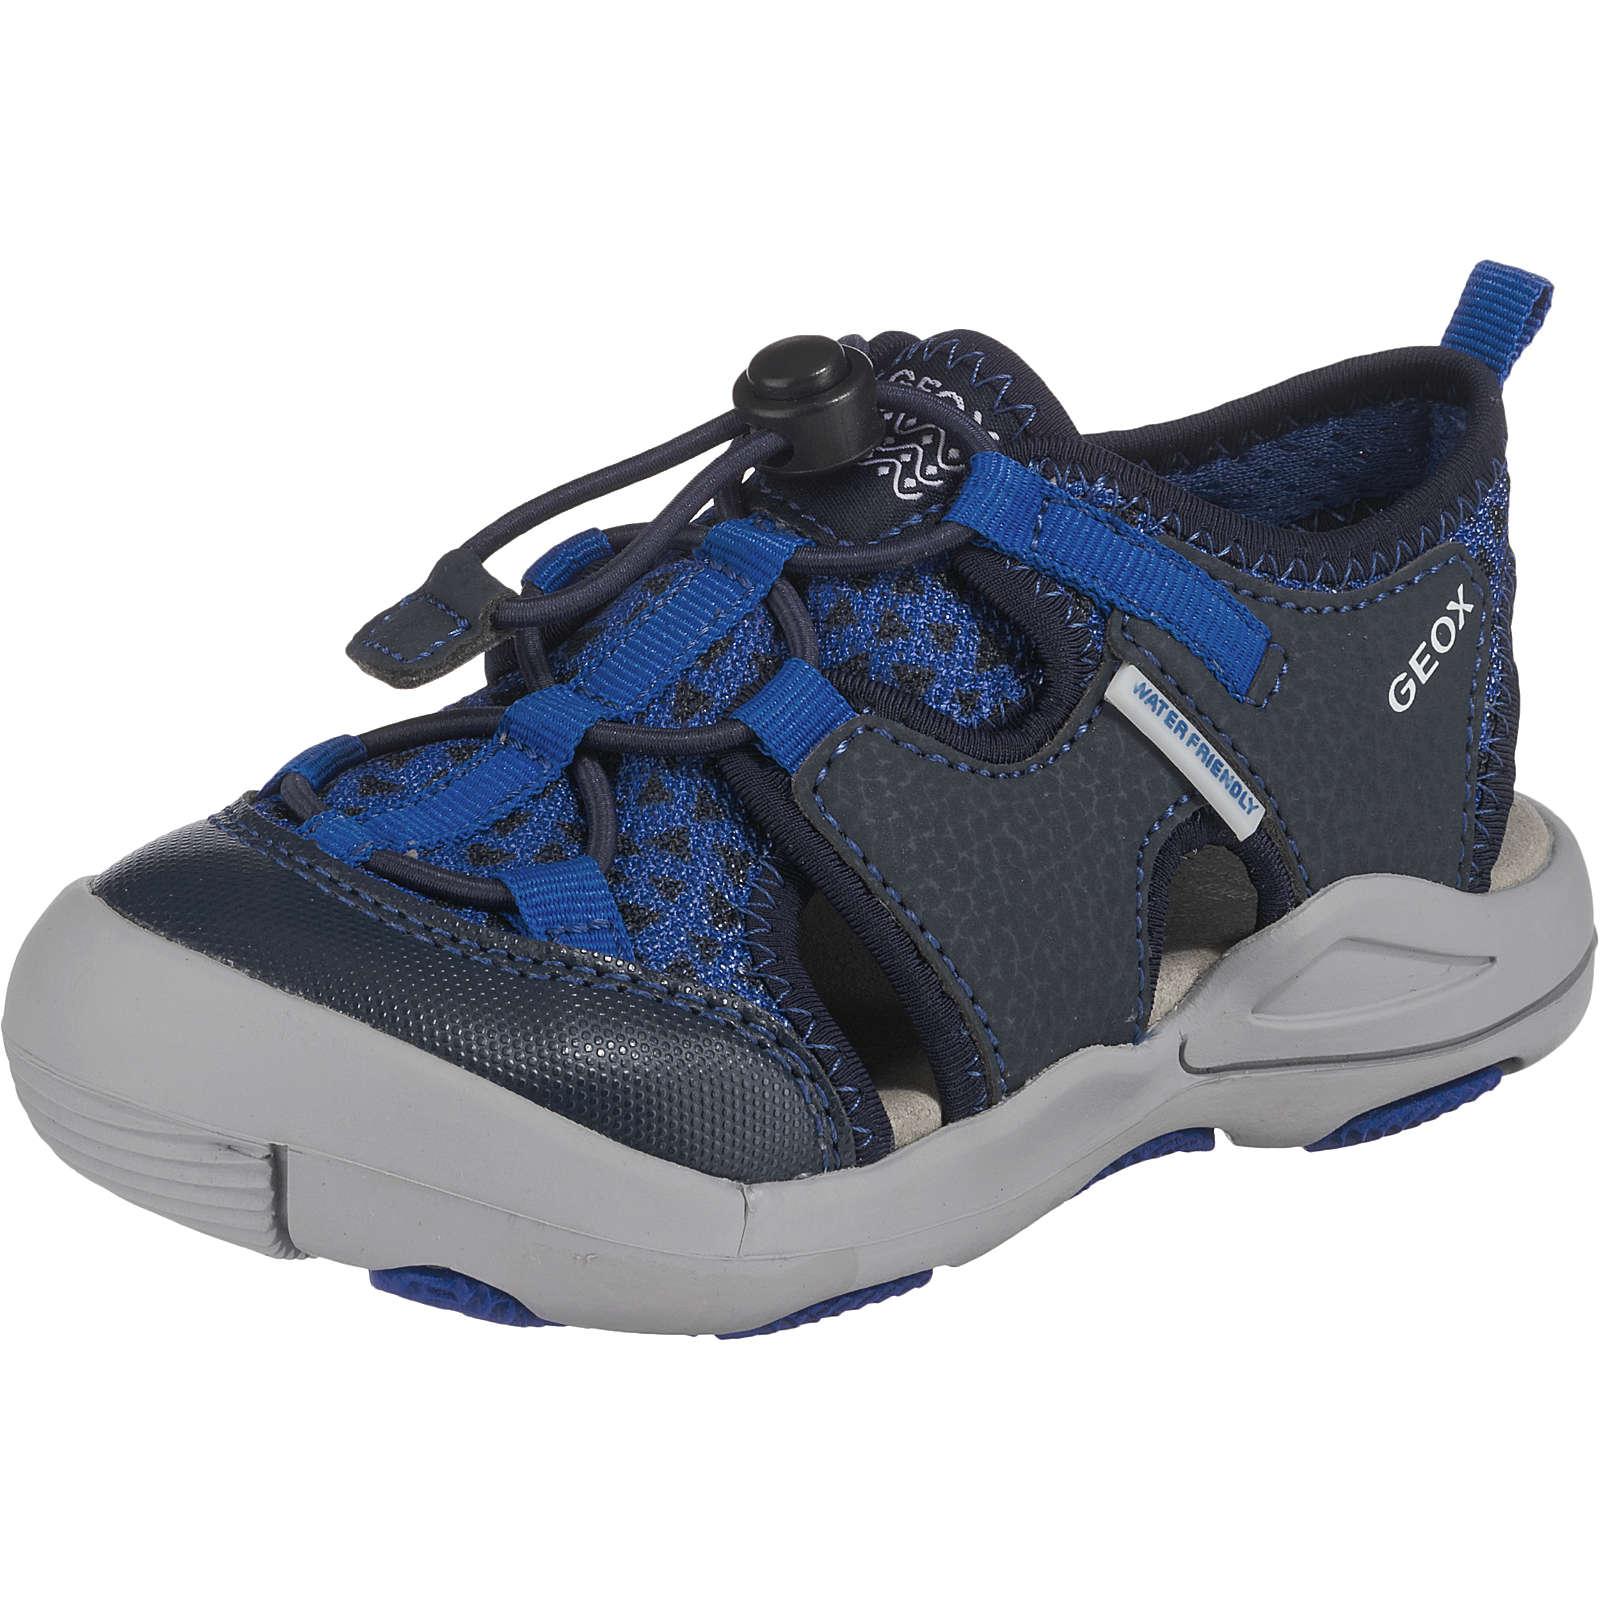 GEOX Sandalen KYLE für Jungen blau Junge Gr. 32